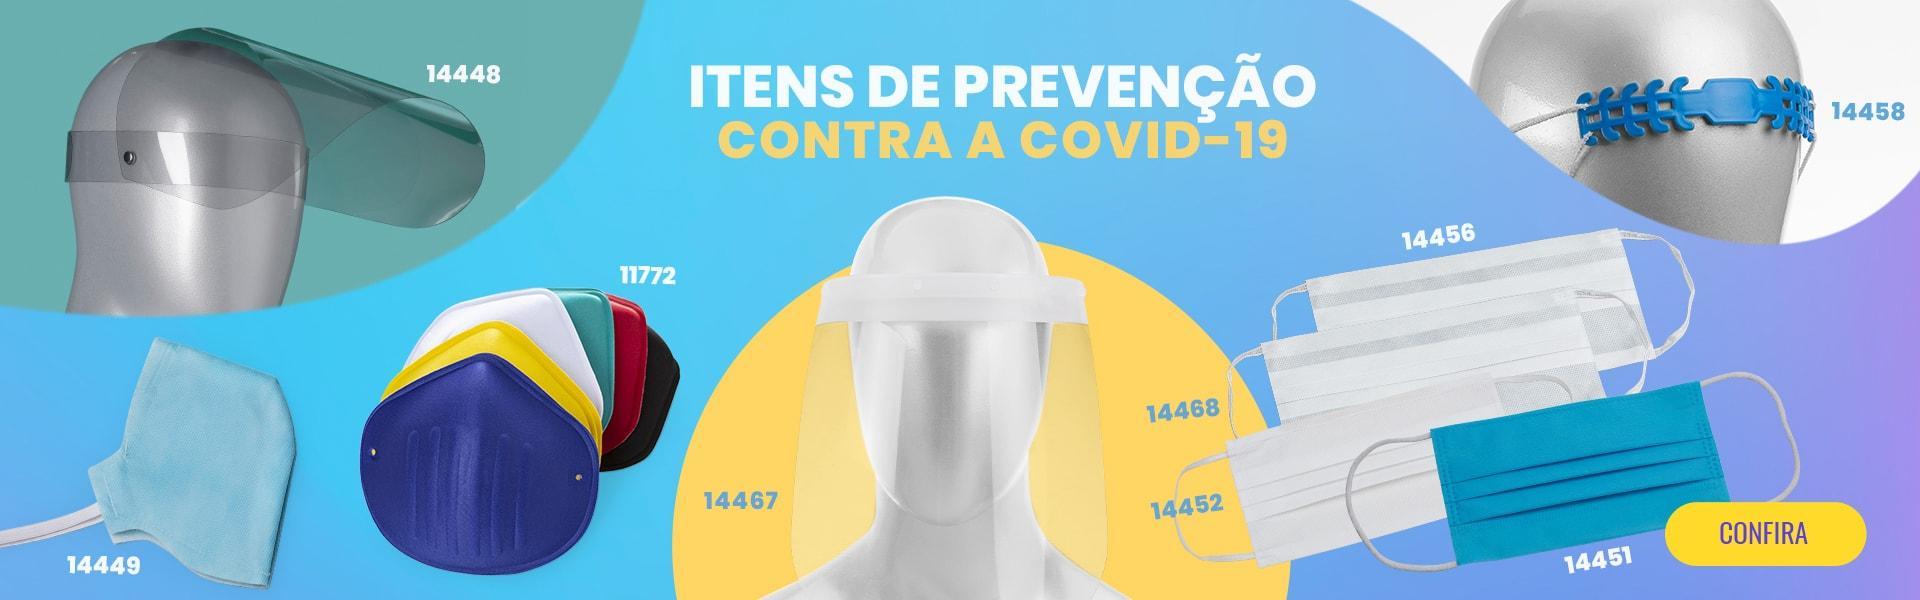 PREVENÇÃO CONTRA A COVID-19